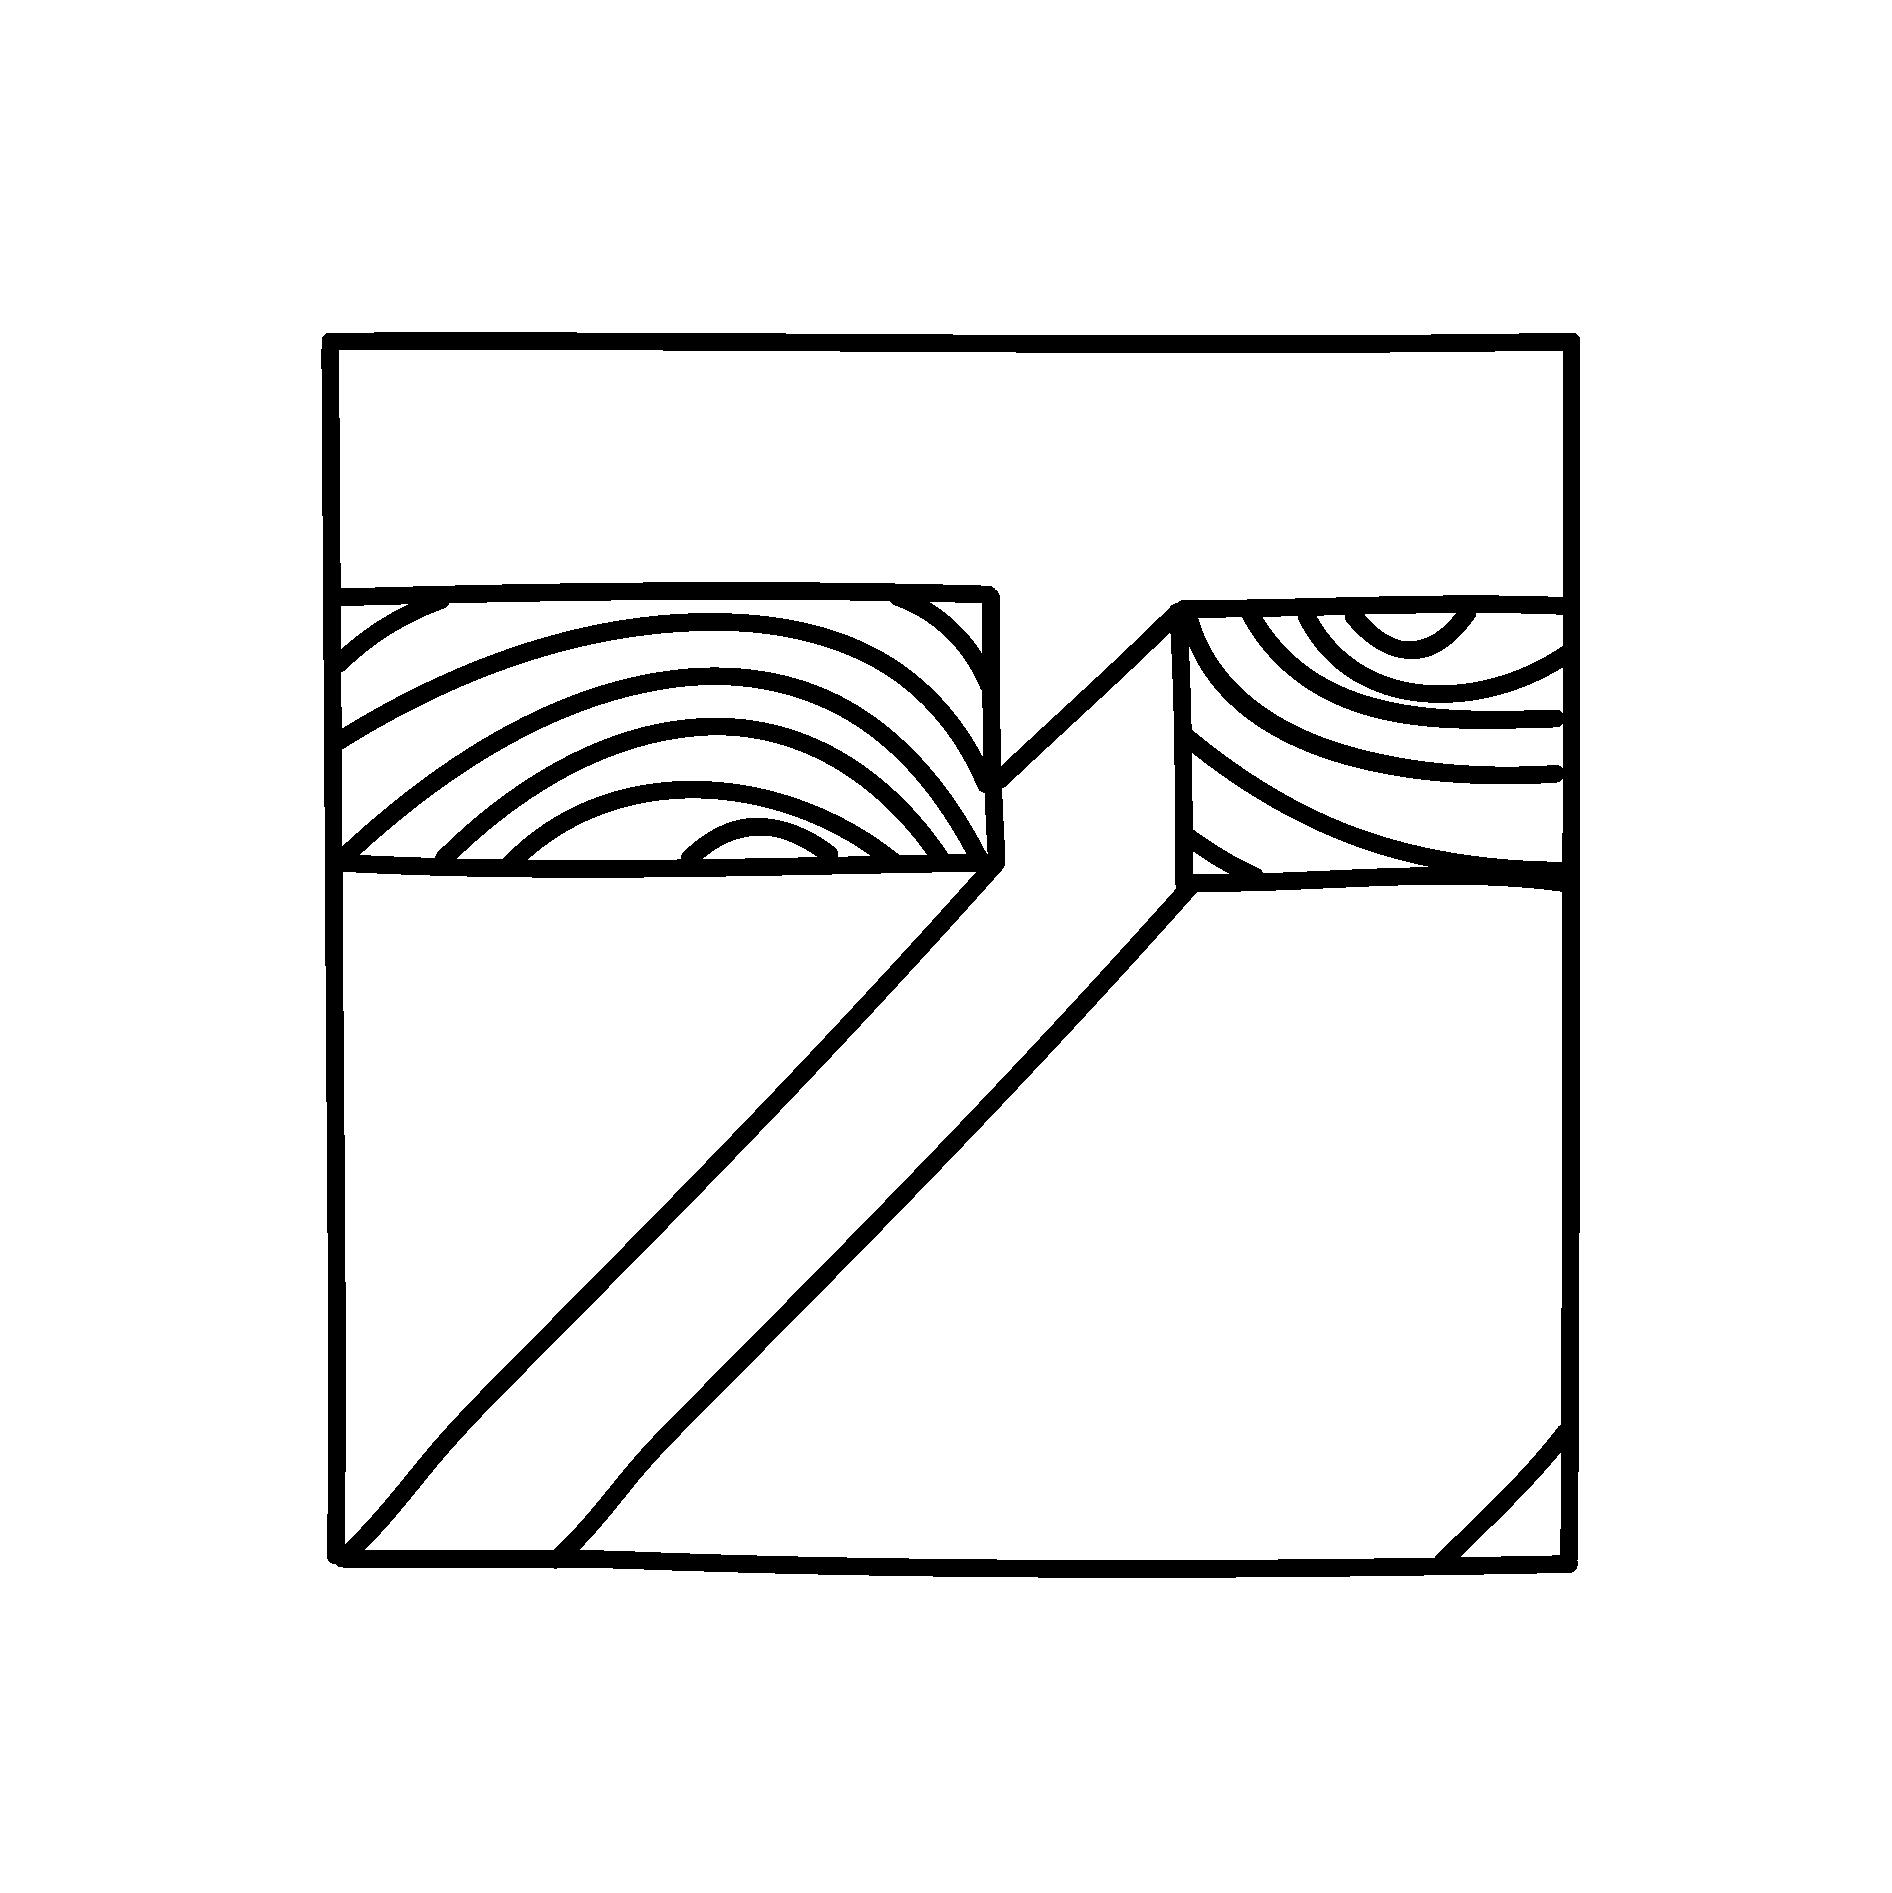 Knapillustrationsforpete-13.png